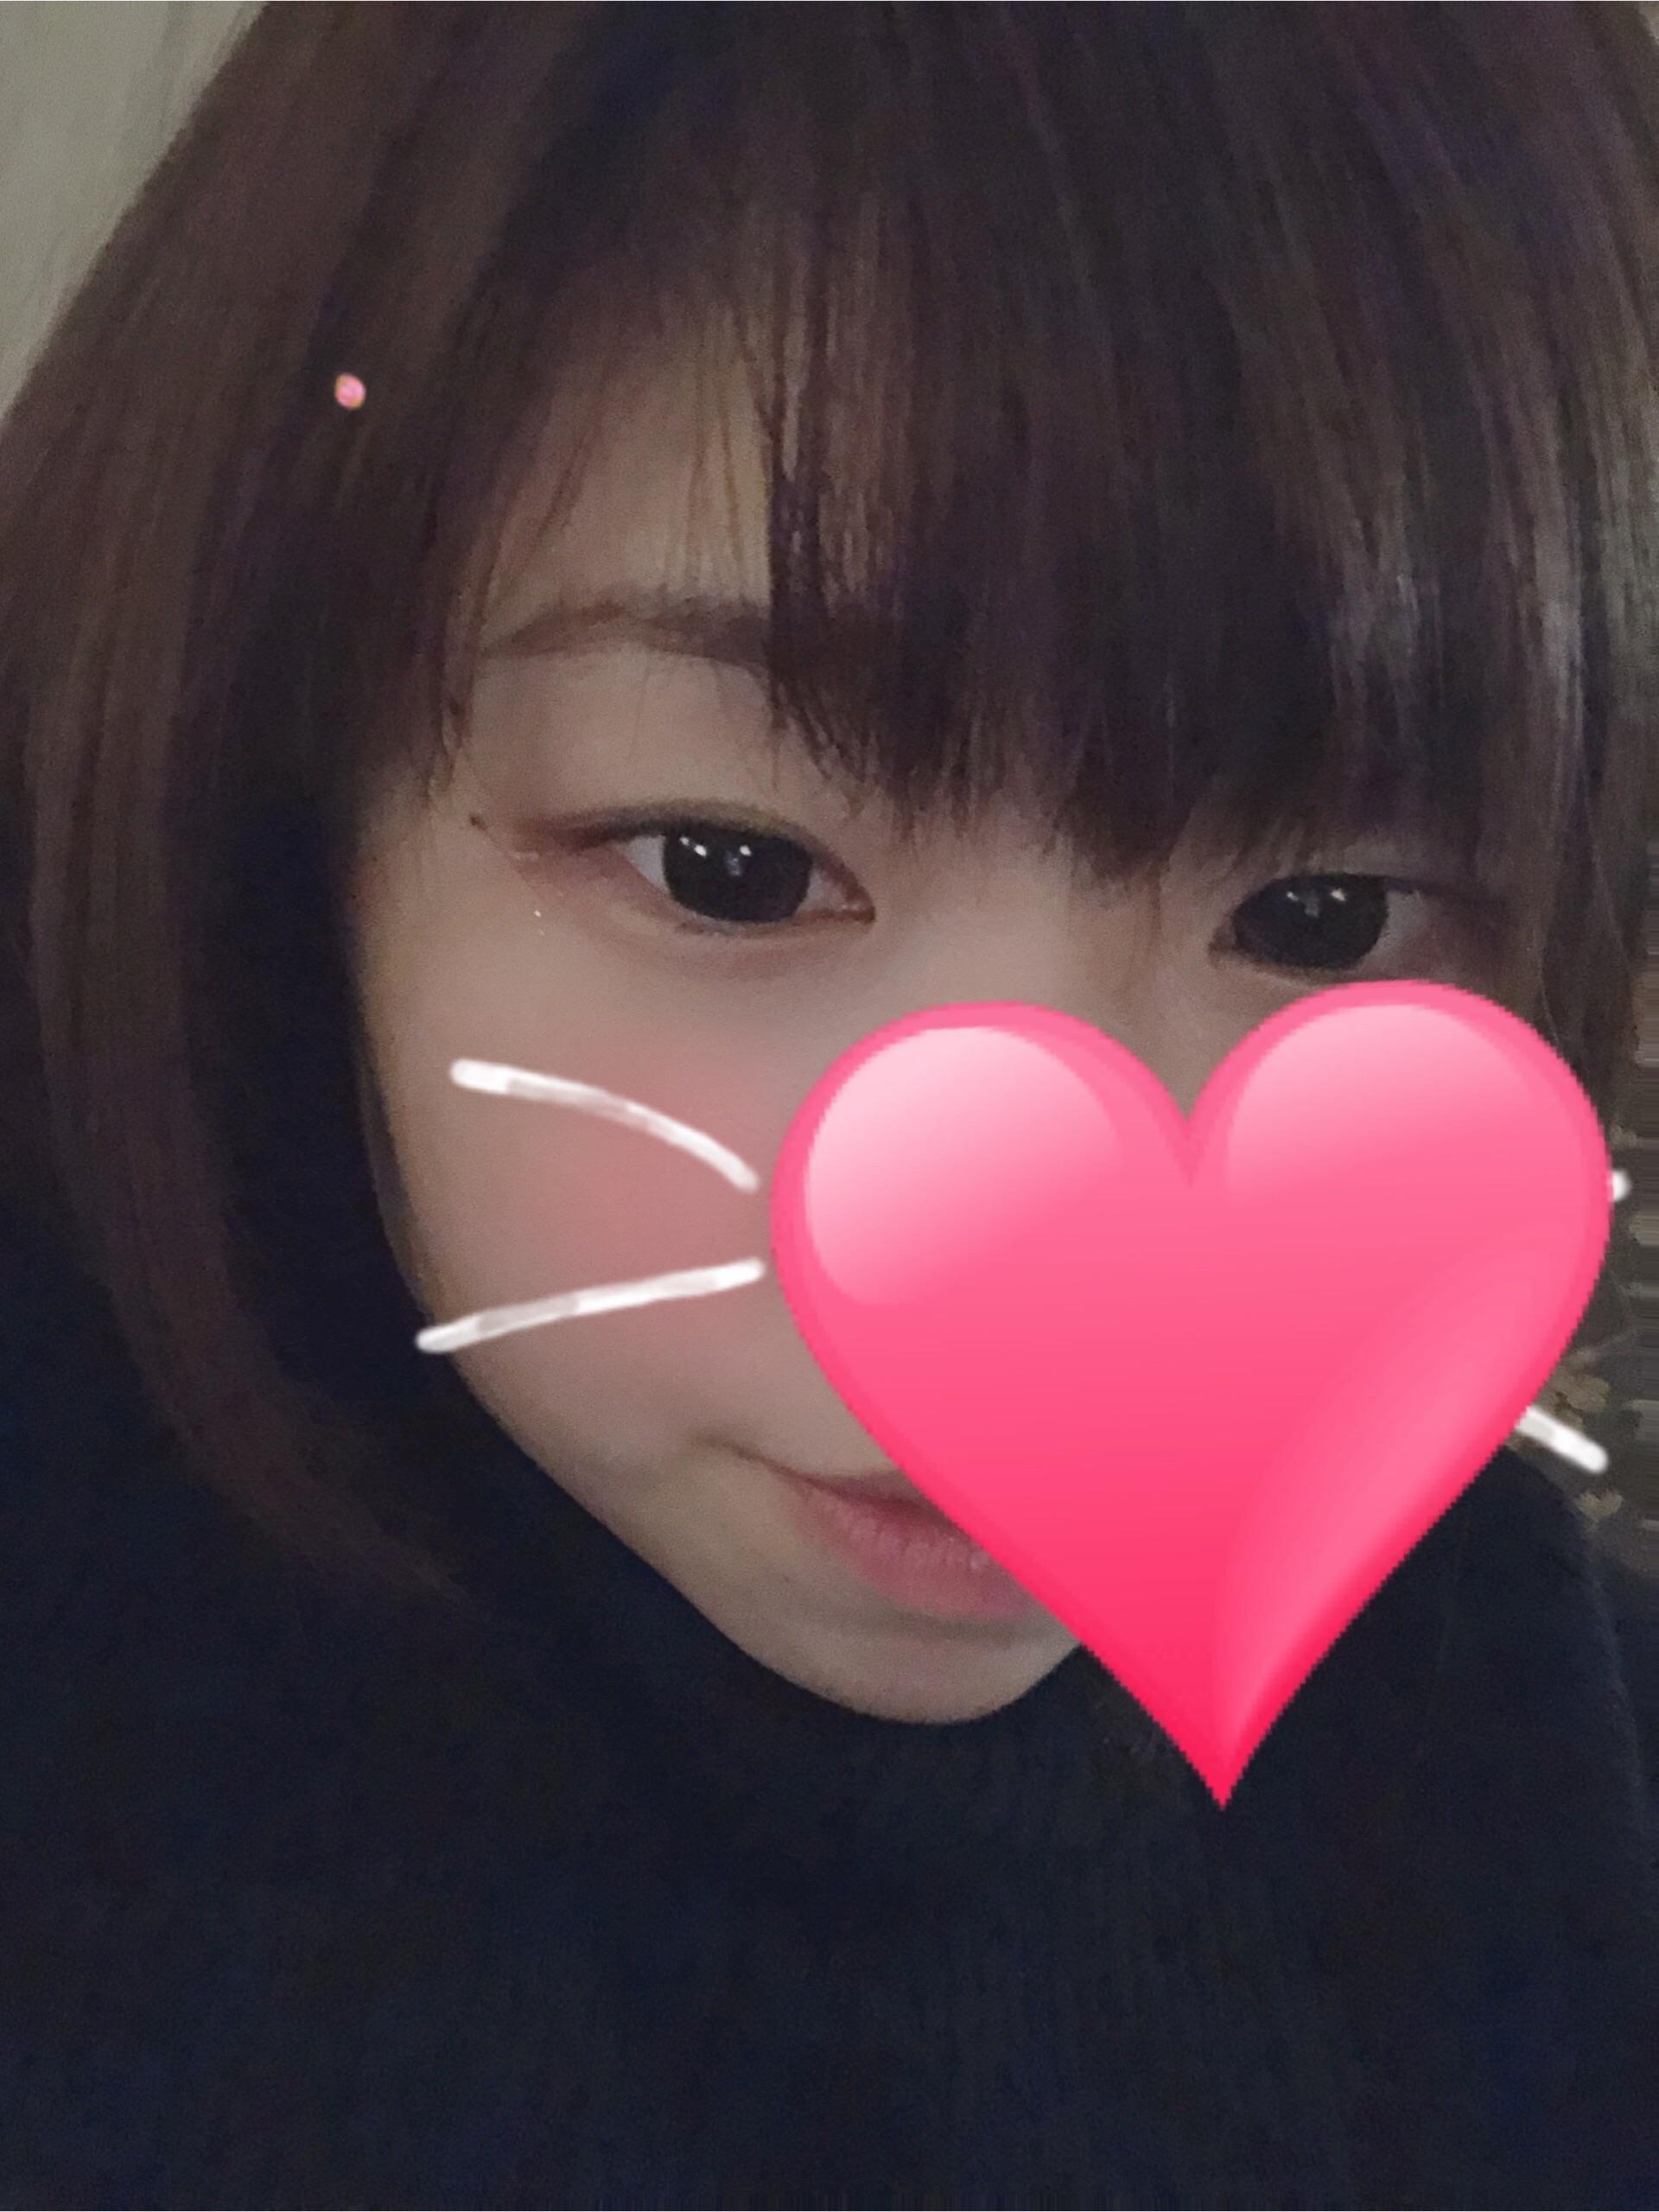 えり「ありがとうございました☆」12/15(土) 05:11 | えりの写メ・風俗動画